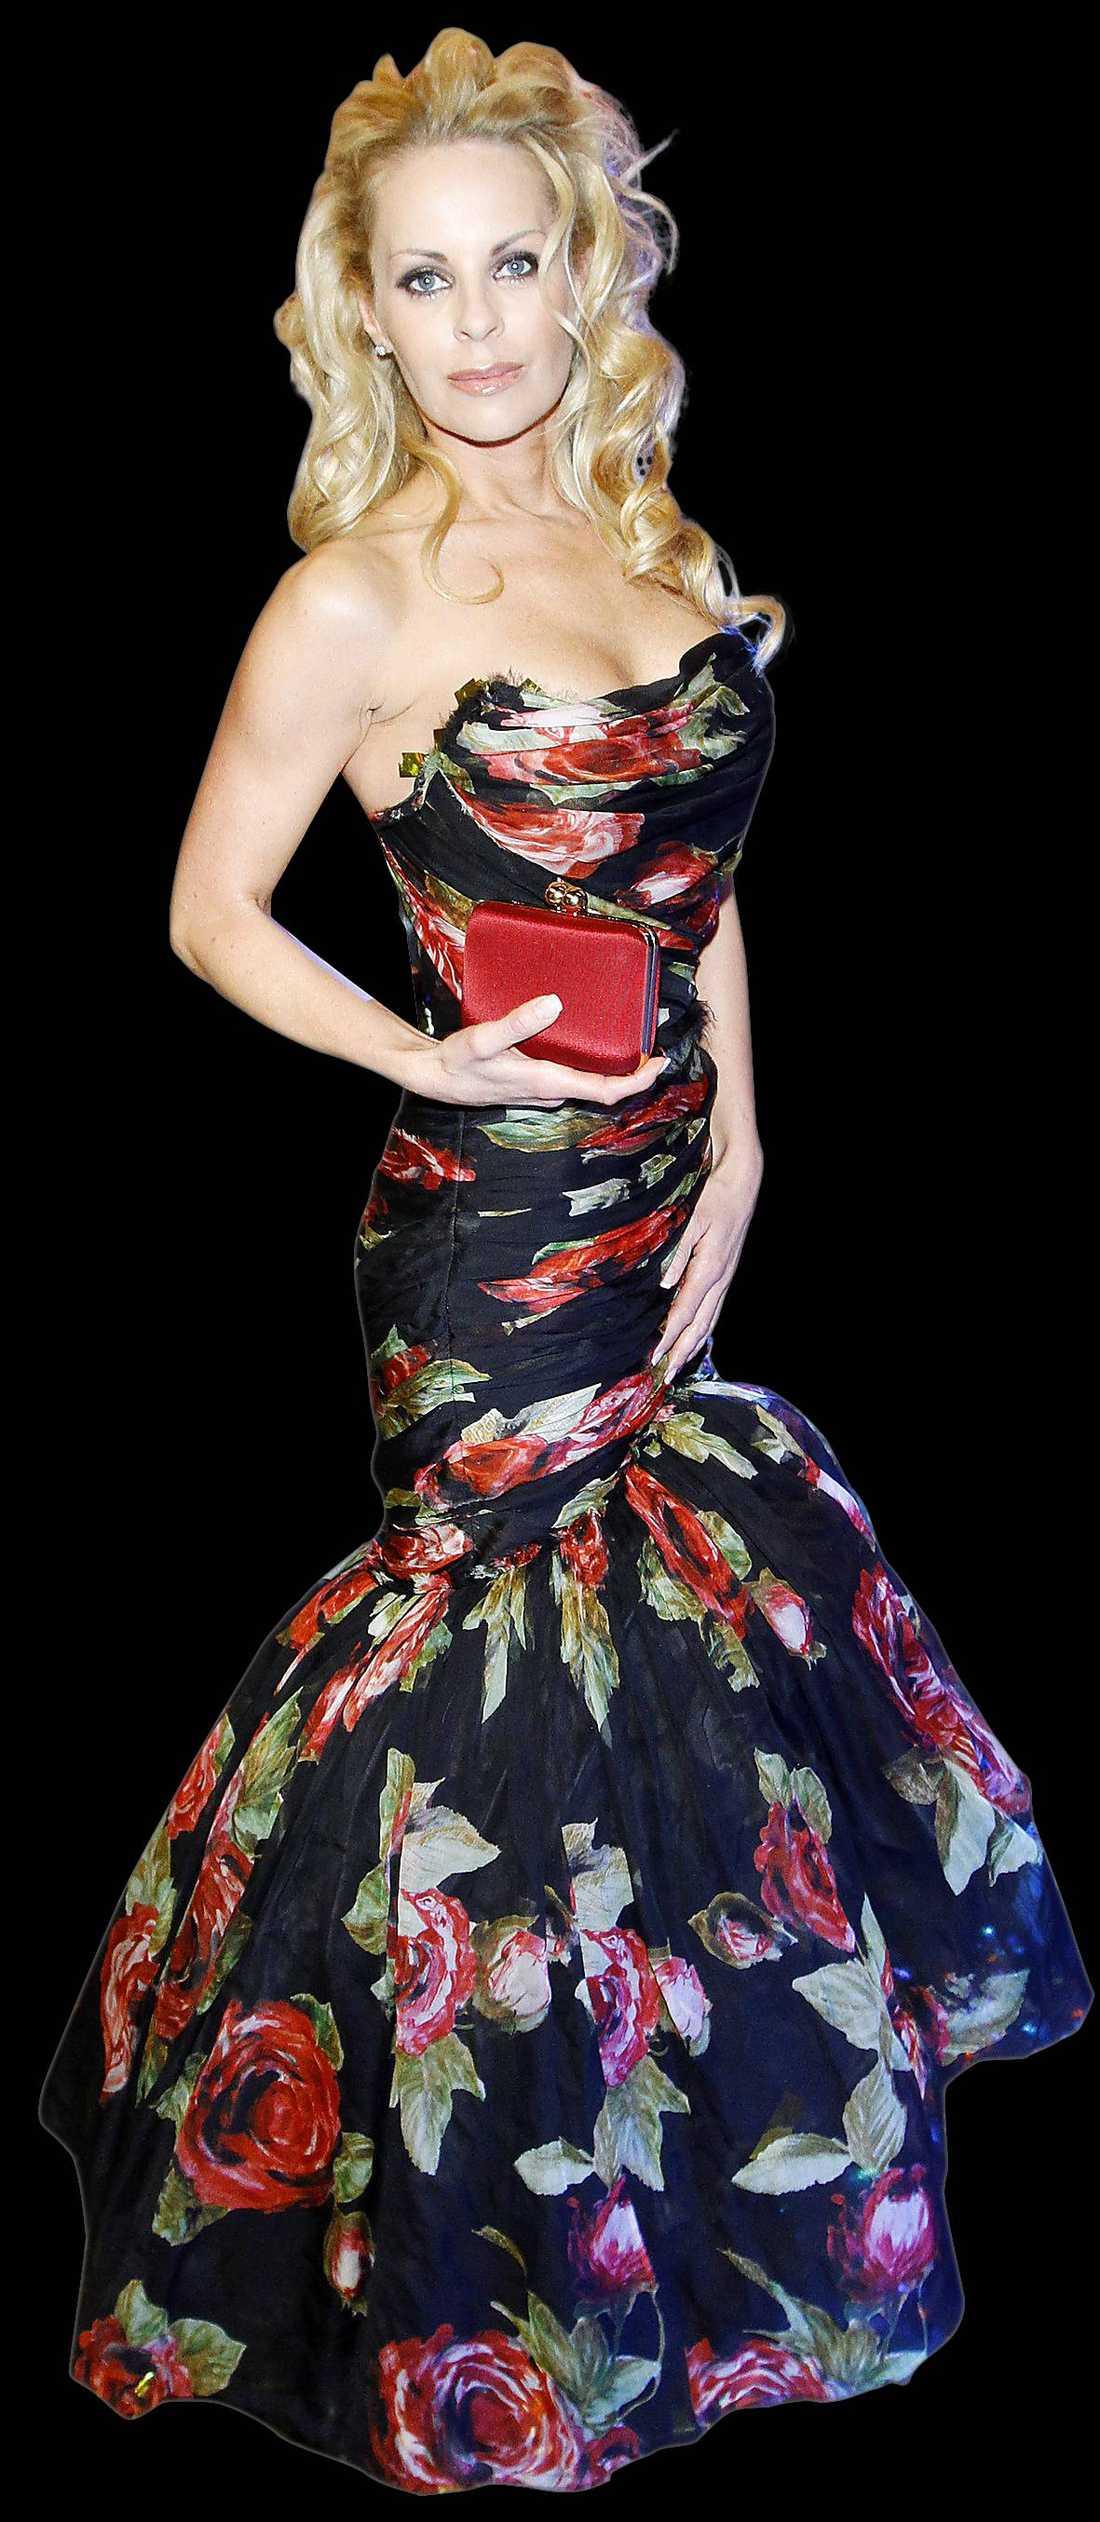 """NINA: En urhärlig klänning som skulle funka på vilken Oscars-gala som helst. Dock hade jag önskat en bättre frisyr till den här läckra blommiga saken. Den här frisyren säger mer """"Pamela Anderson"""" än """"Grace Kelly"""" om ni förstår…"""